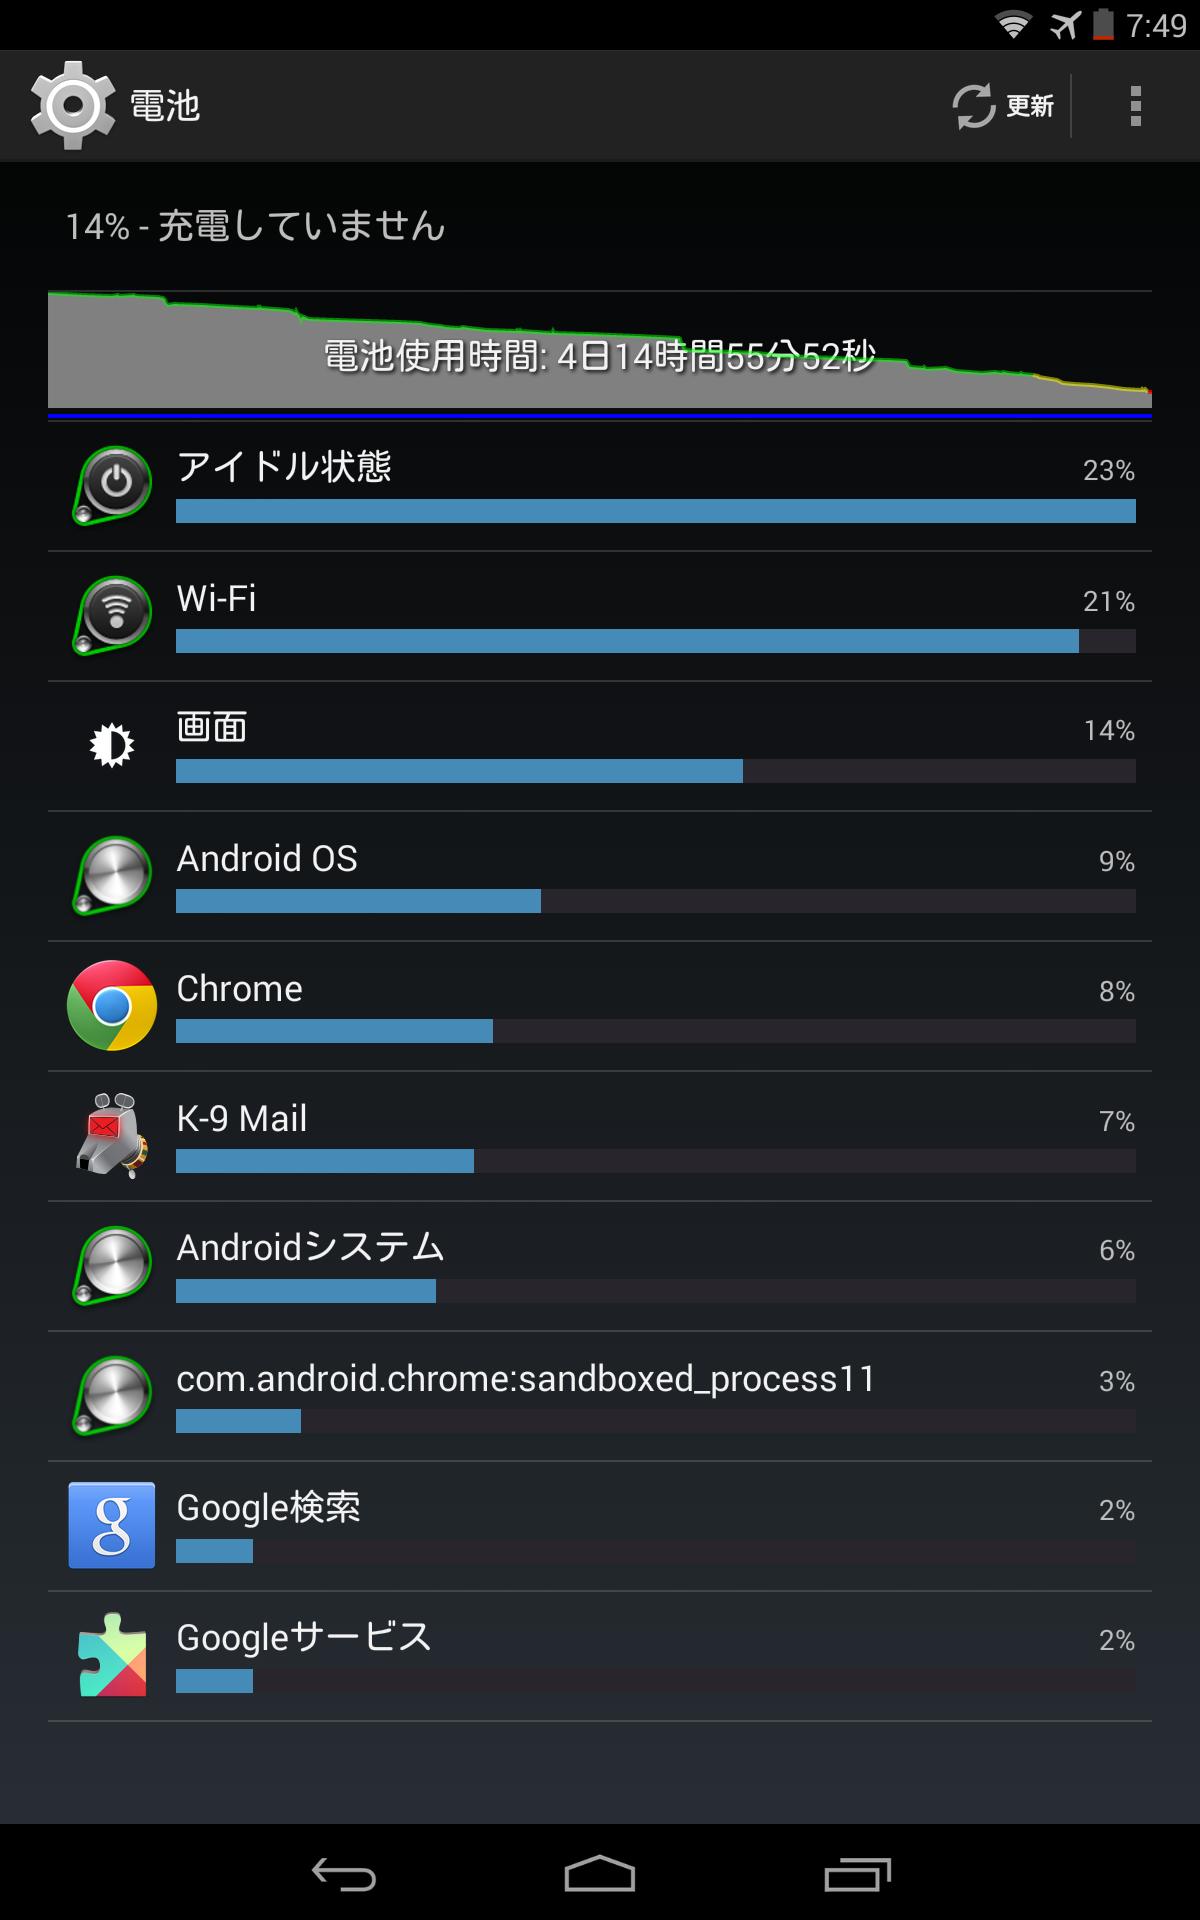 電池消費量のグラフ。4~5日持つようになりました。